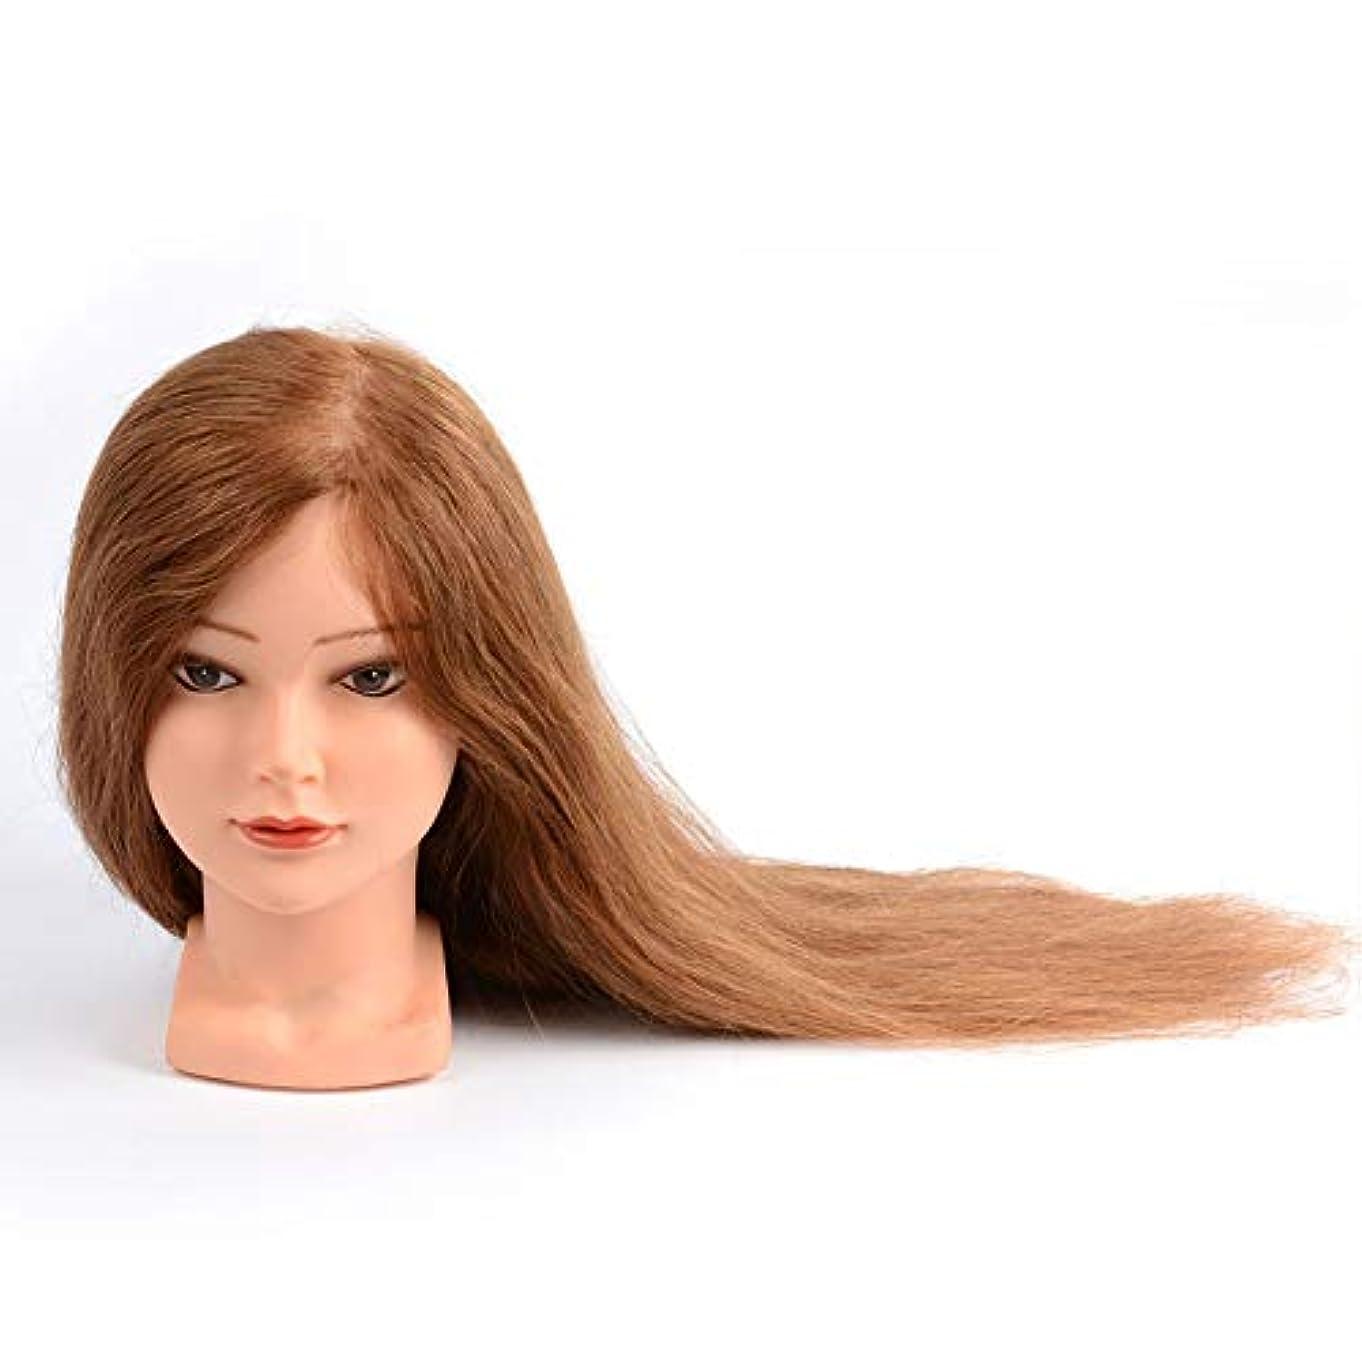 先生祈り怠けたゴールデンプラクティスマネキンヘッドブライダルメイクスタイリングプラクティスダミーヘッドヘアサロン散髪指導ヘッドは染めることができます漂白